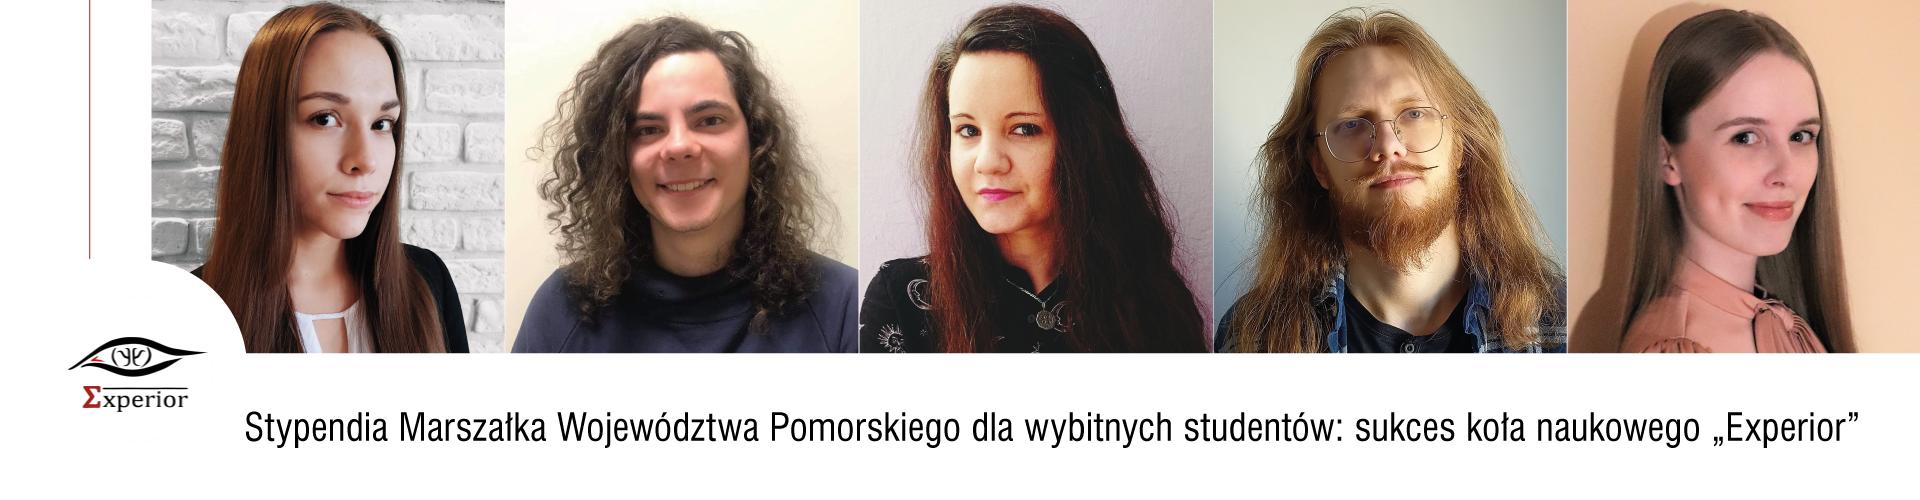 """Stypendia Marszałka Województwa Pomorskiego dla wybitnych studentów: sukces koła naukowego """"Experior"""""""